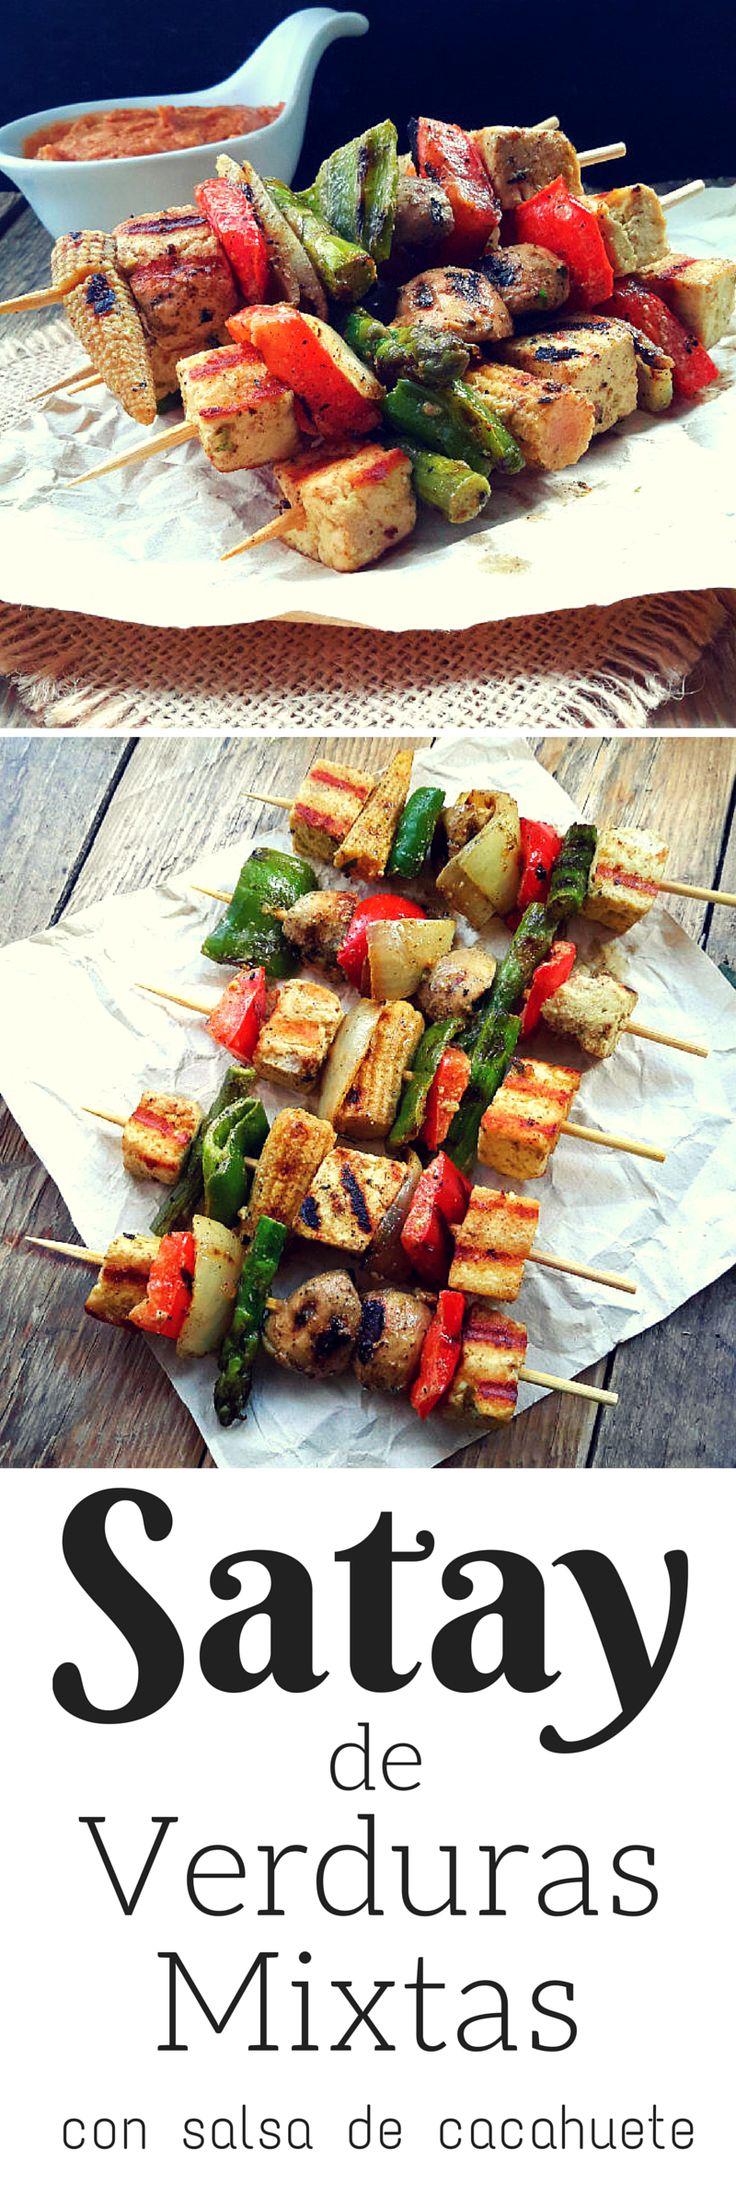 No hace falta que seas vegetariano/a para disfrutarte de estas deliciosas brochetas de verduras marinadas y asadas al estilo thai.